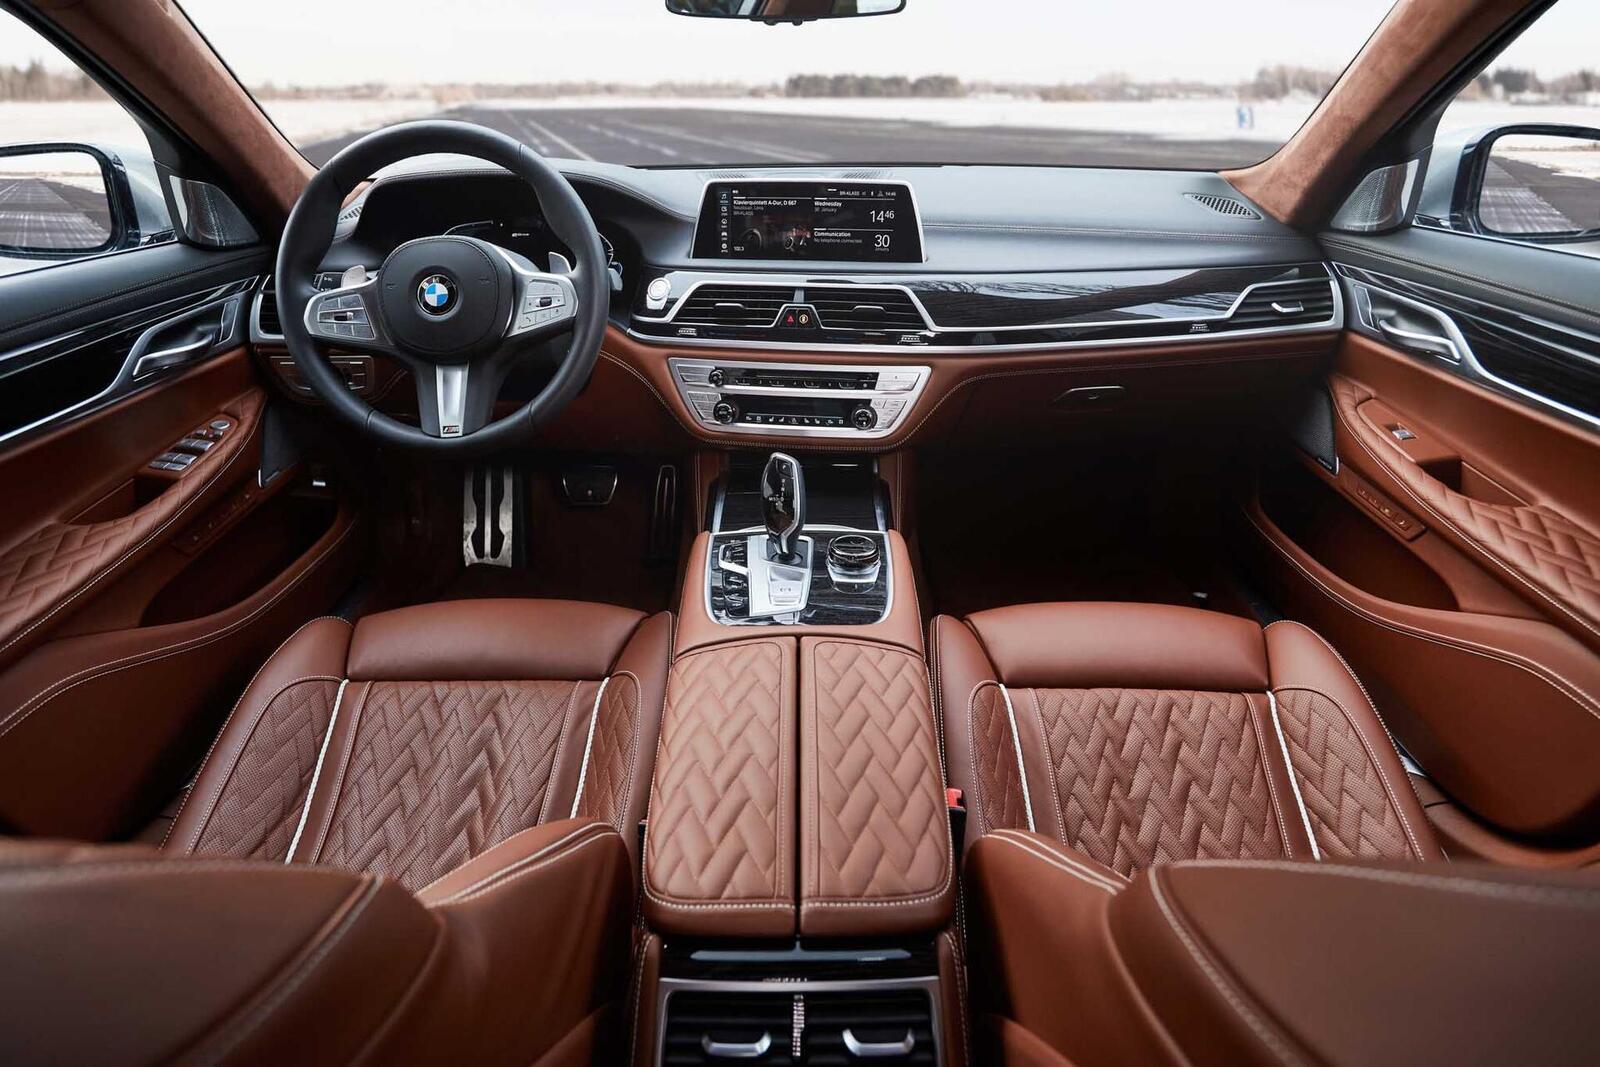 BMW giới thiệu 7 Series PHEV 2020 mới; lắp động cơ 3.0L mới thay chế cho 2.0L cũ - Hình 10